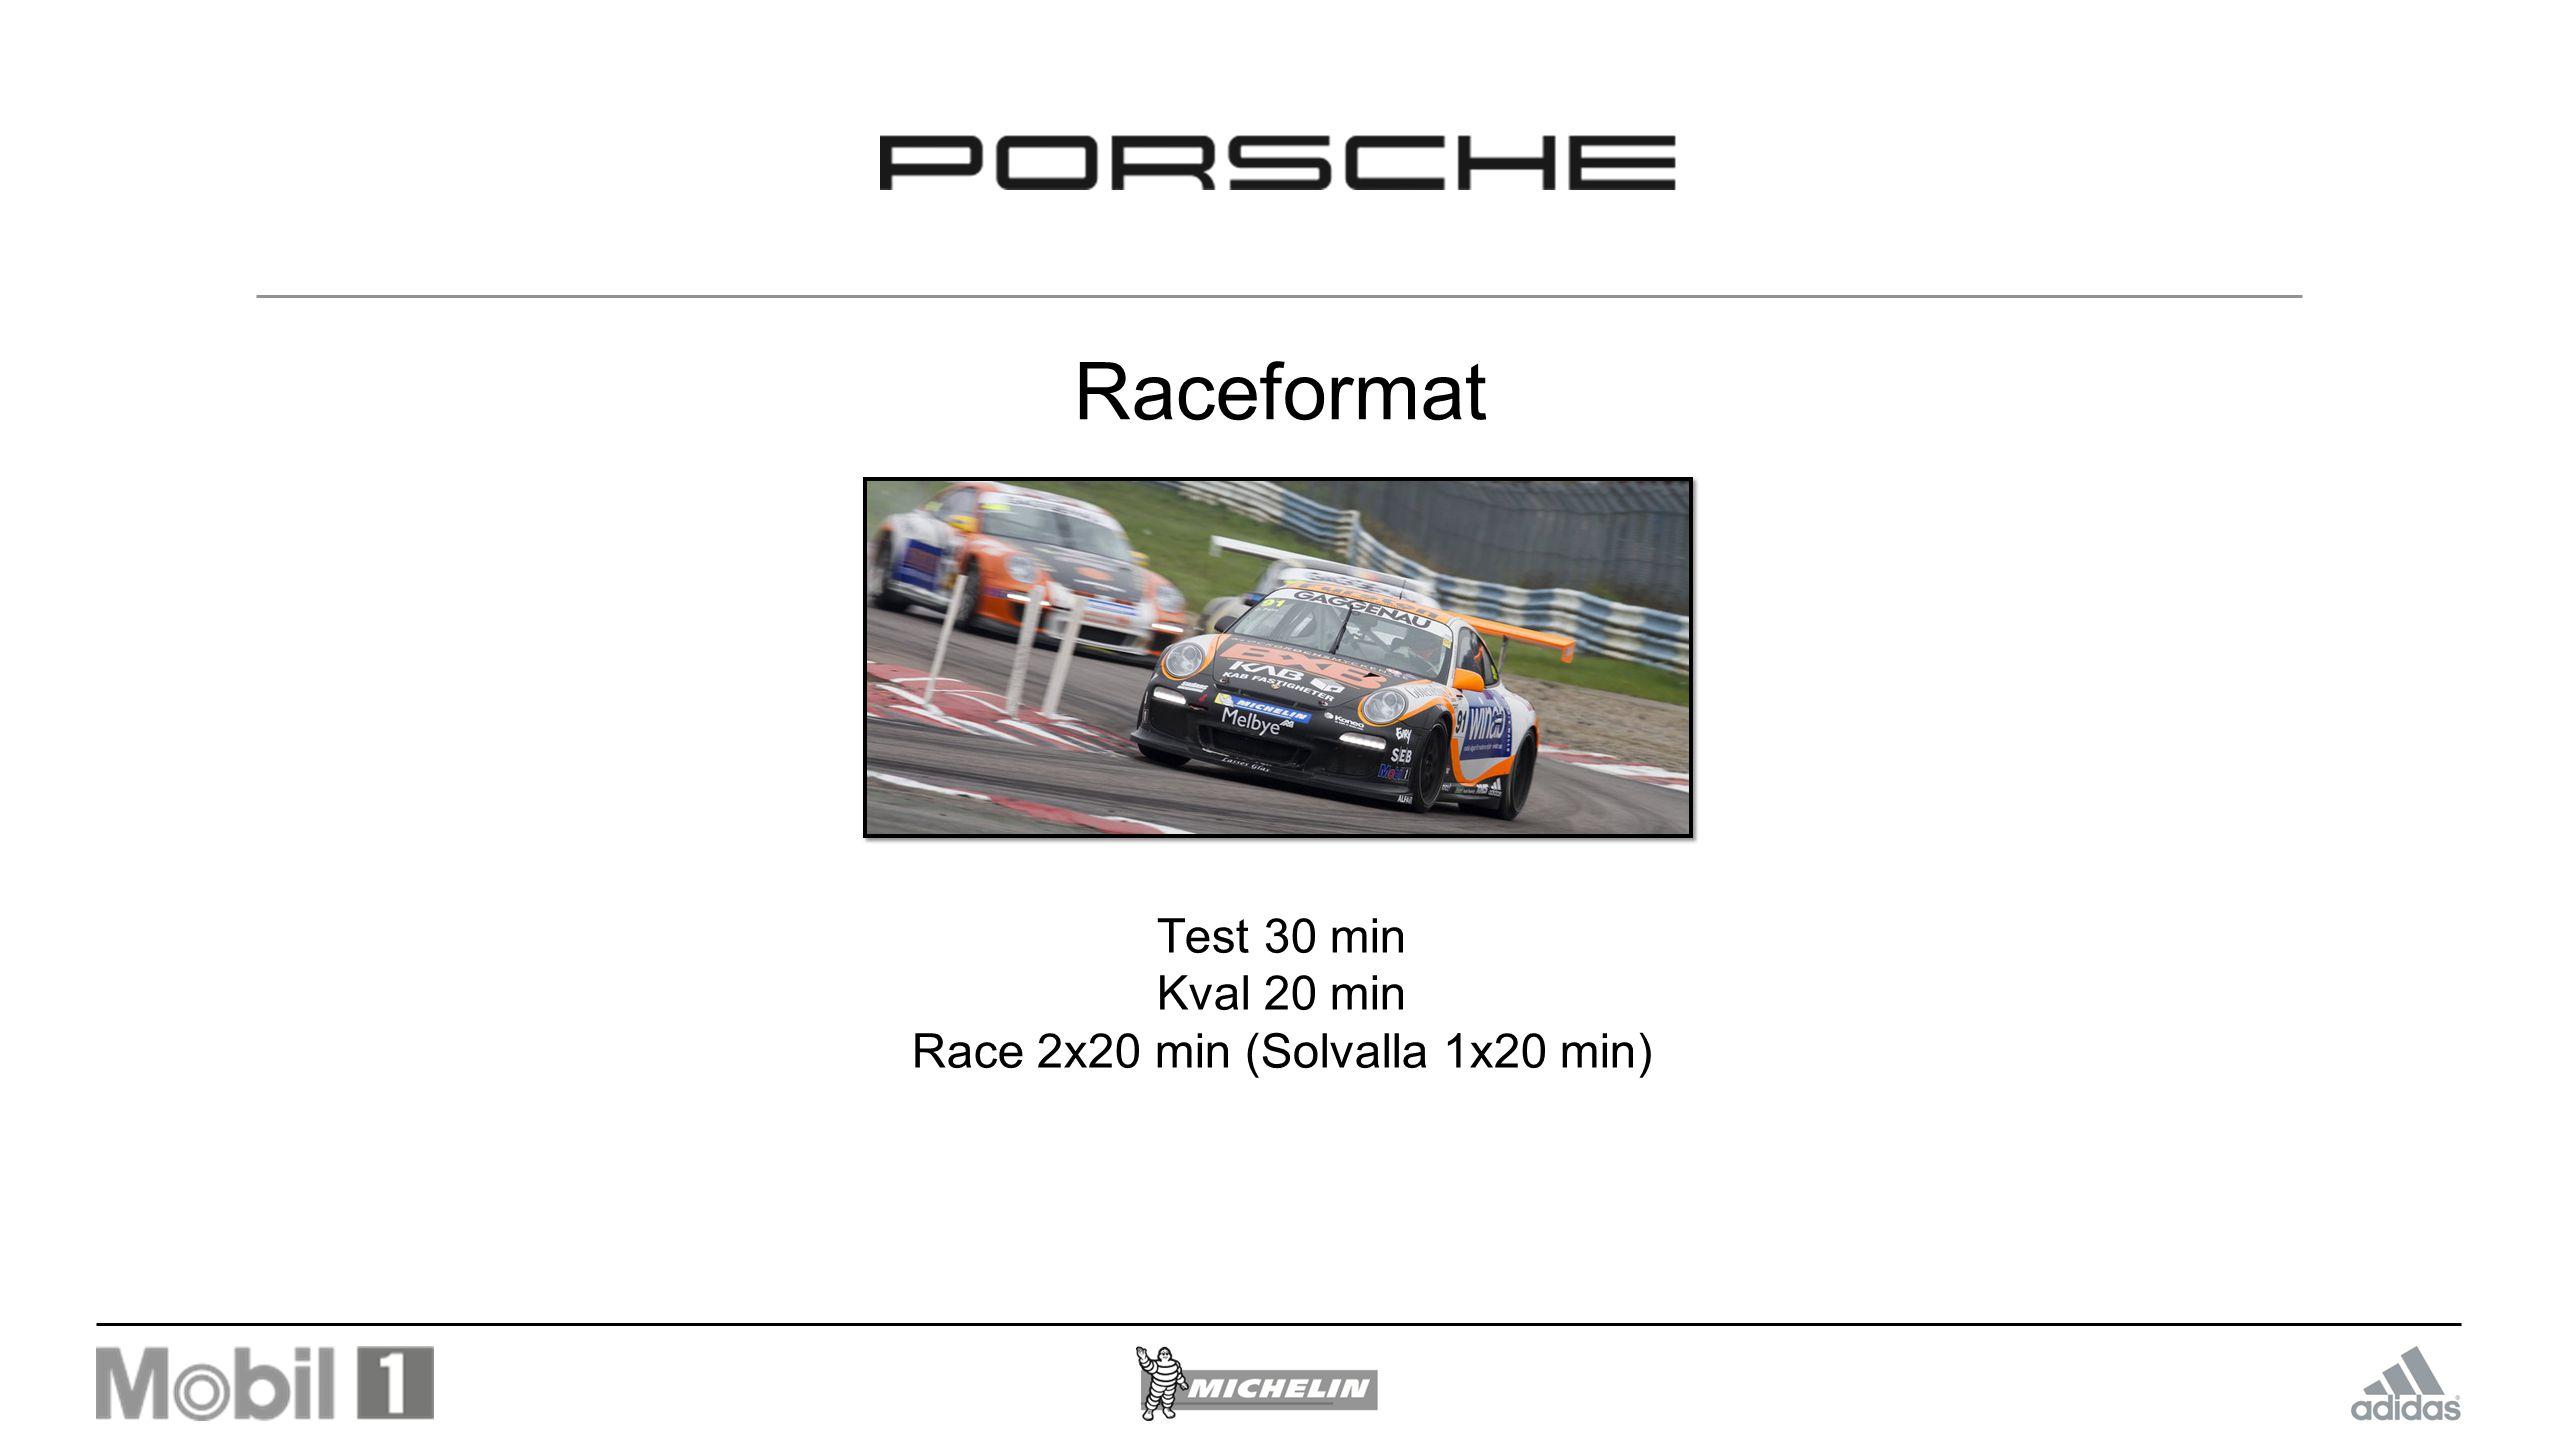 Race 2x20 min (Solvalla 1x20 min)